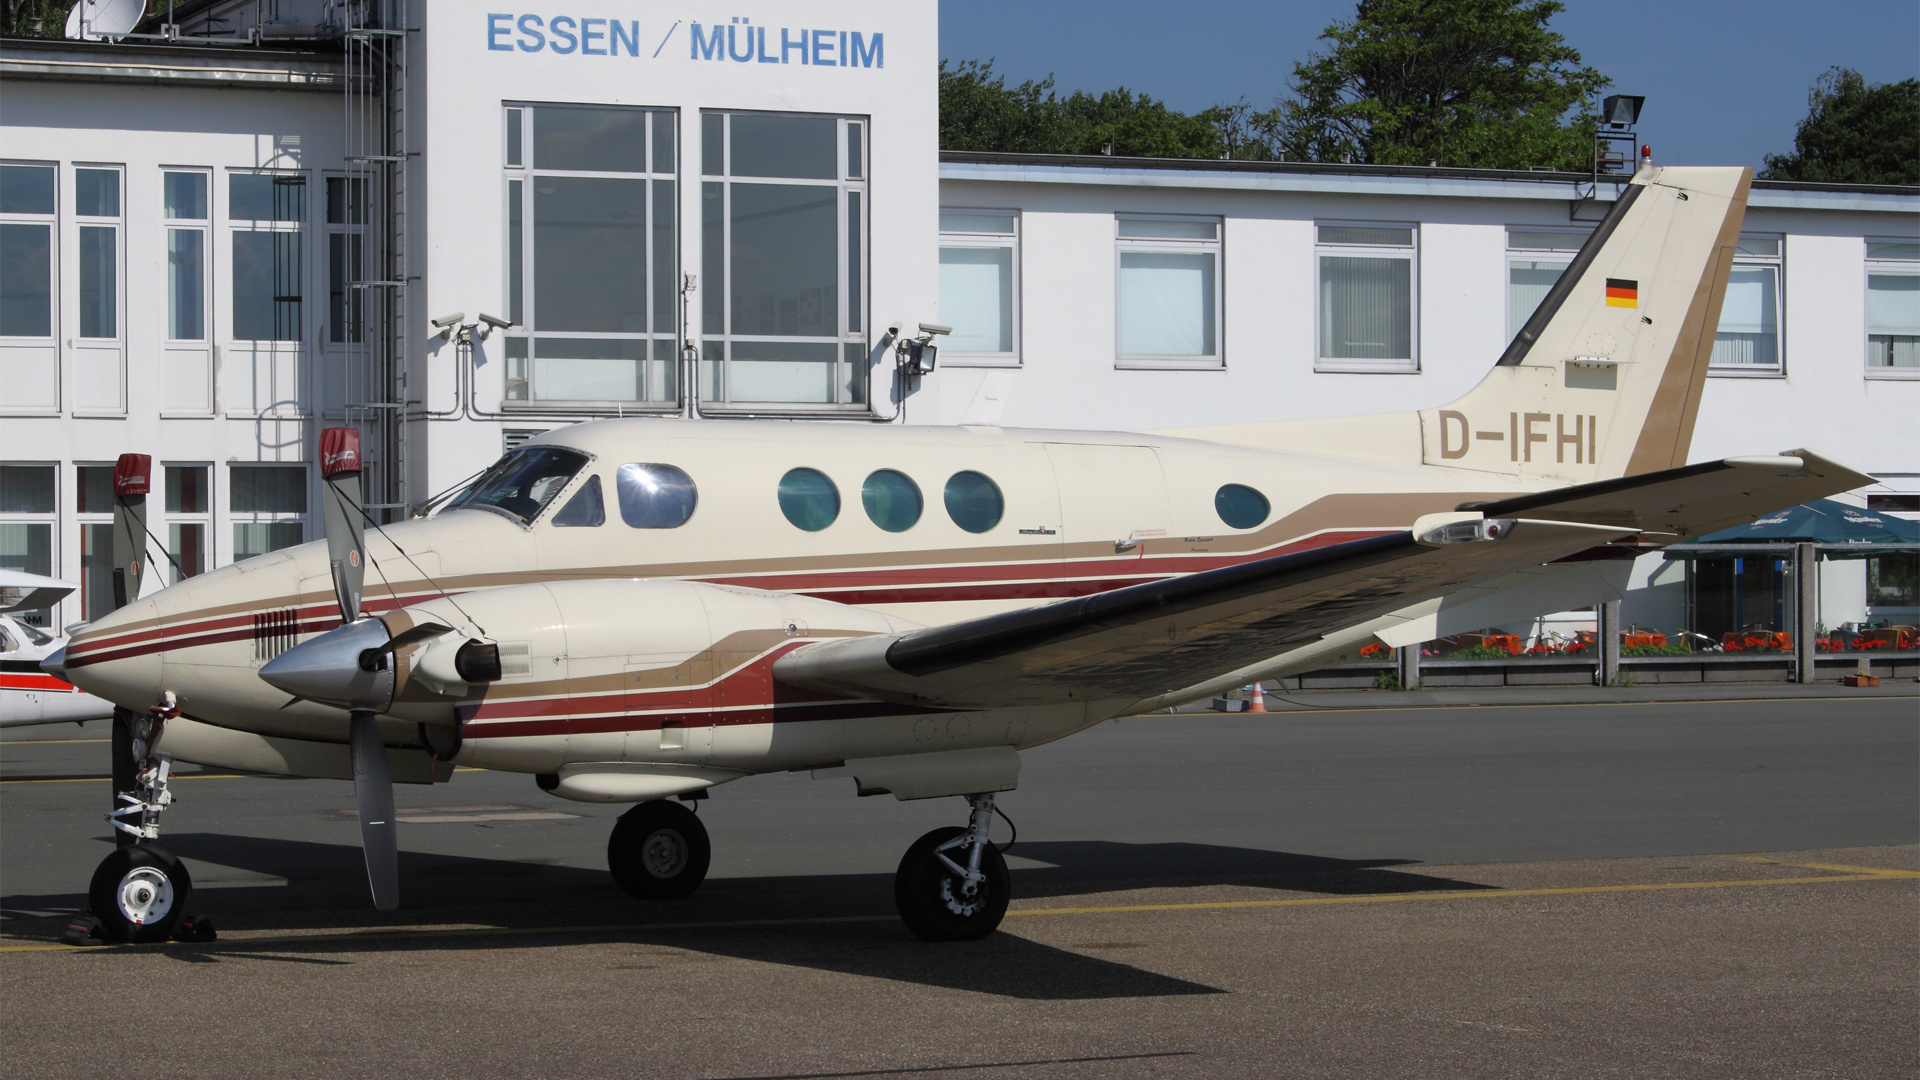 D-IHFI-1 B90 ESS 201107